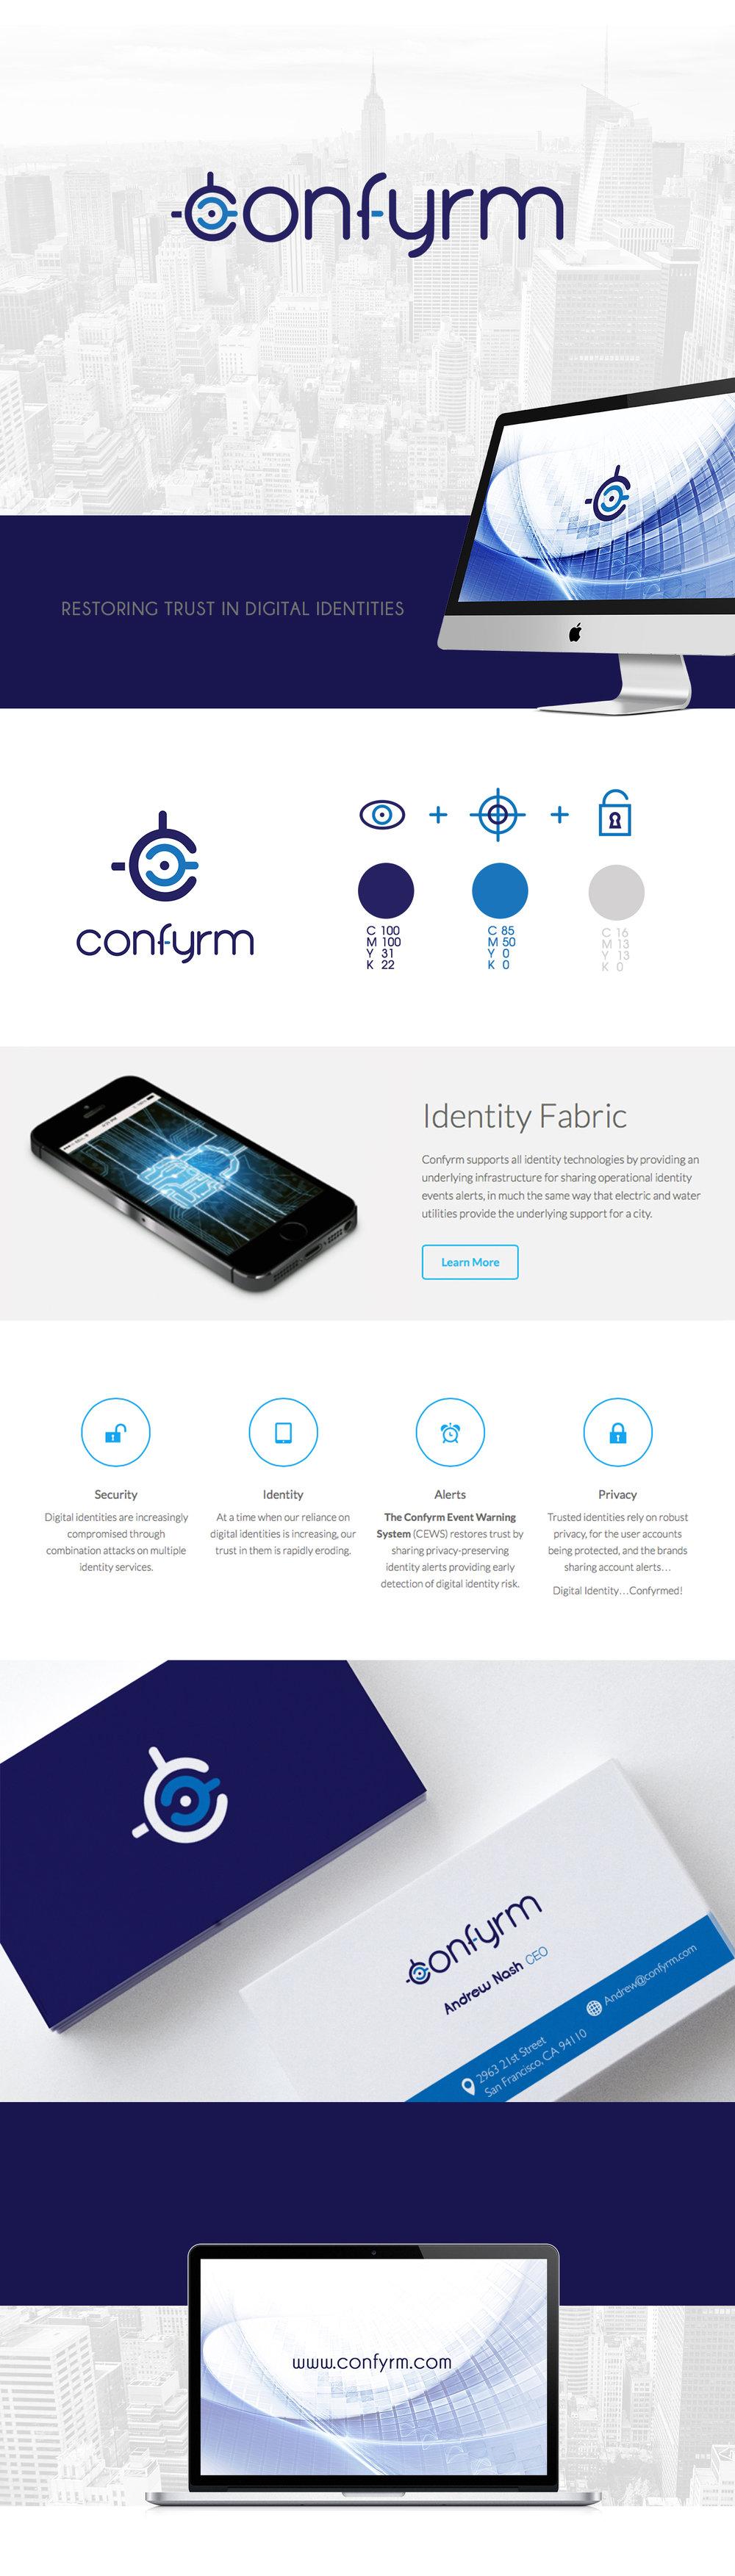 Confyrm_Promo3.jpg